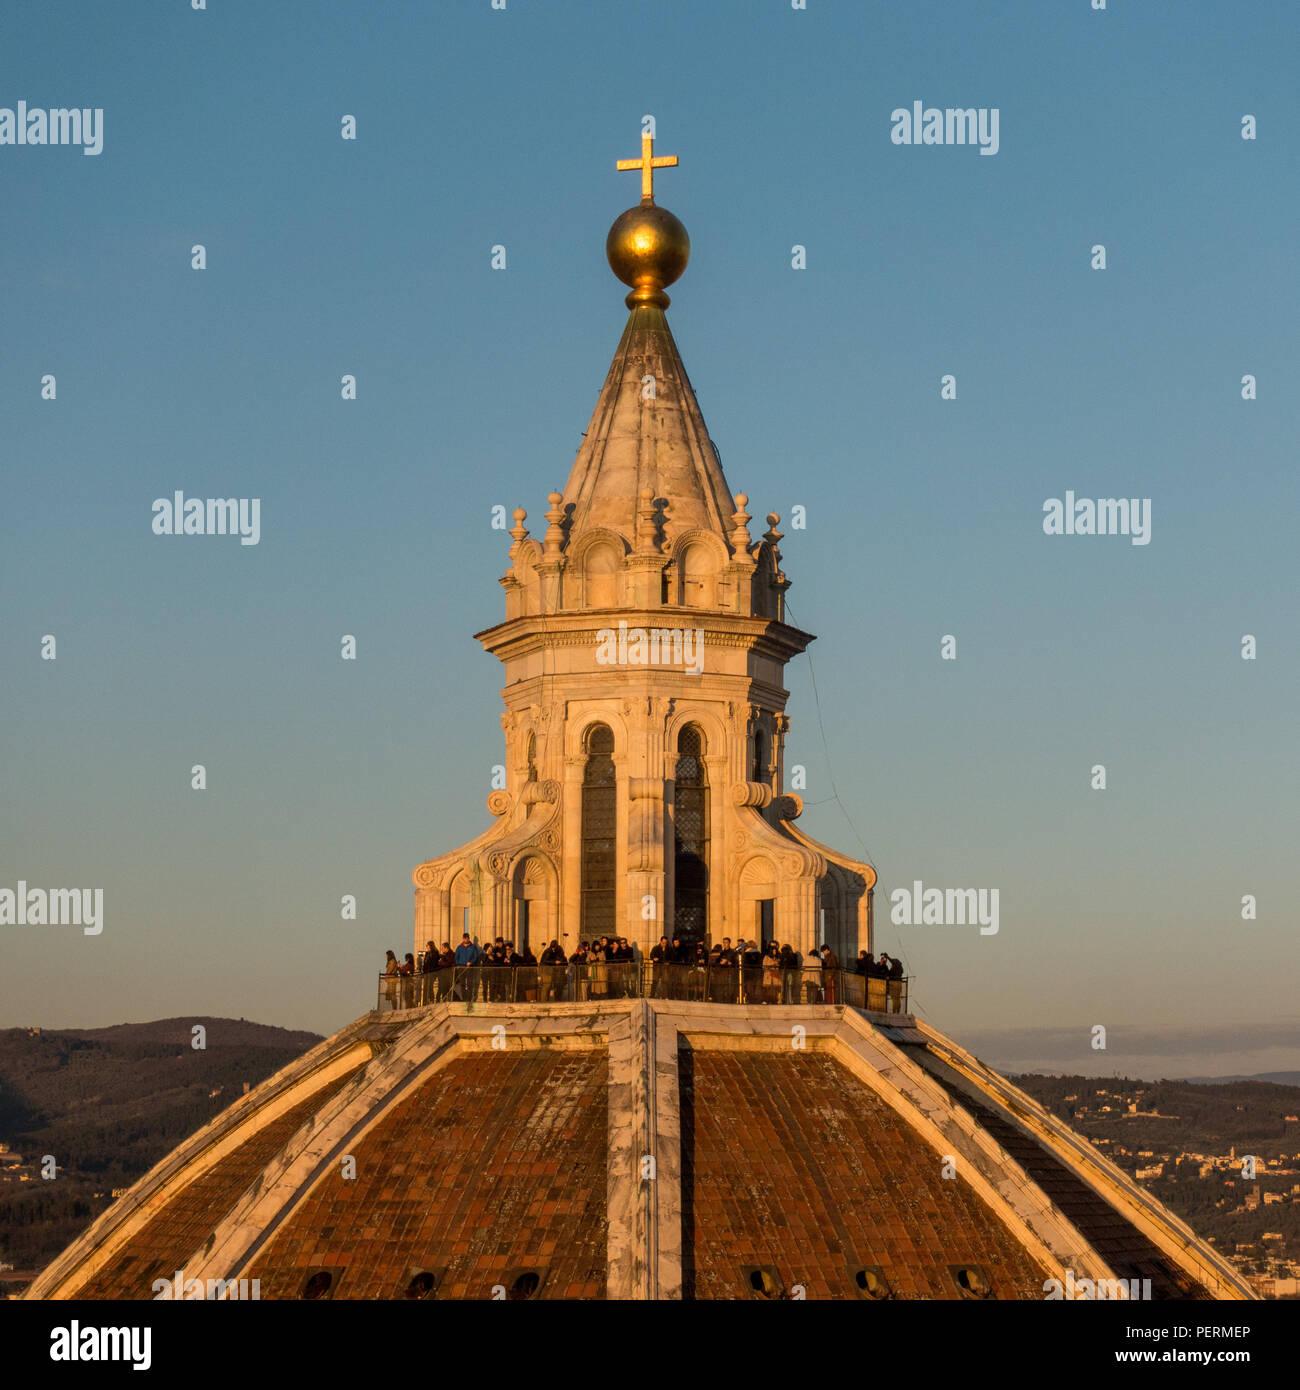 Florencia, Italia - Marzo 23, 2018: Los turistas se reúnen en la cúpula de la Catedral de Florencia durante la puesta de sol. Imagen De Stock